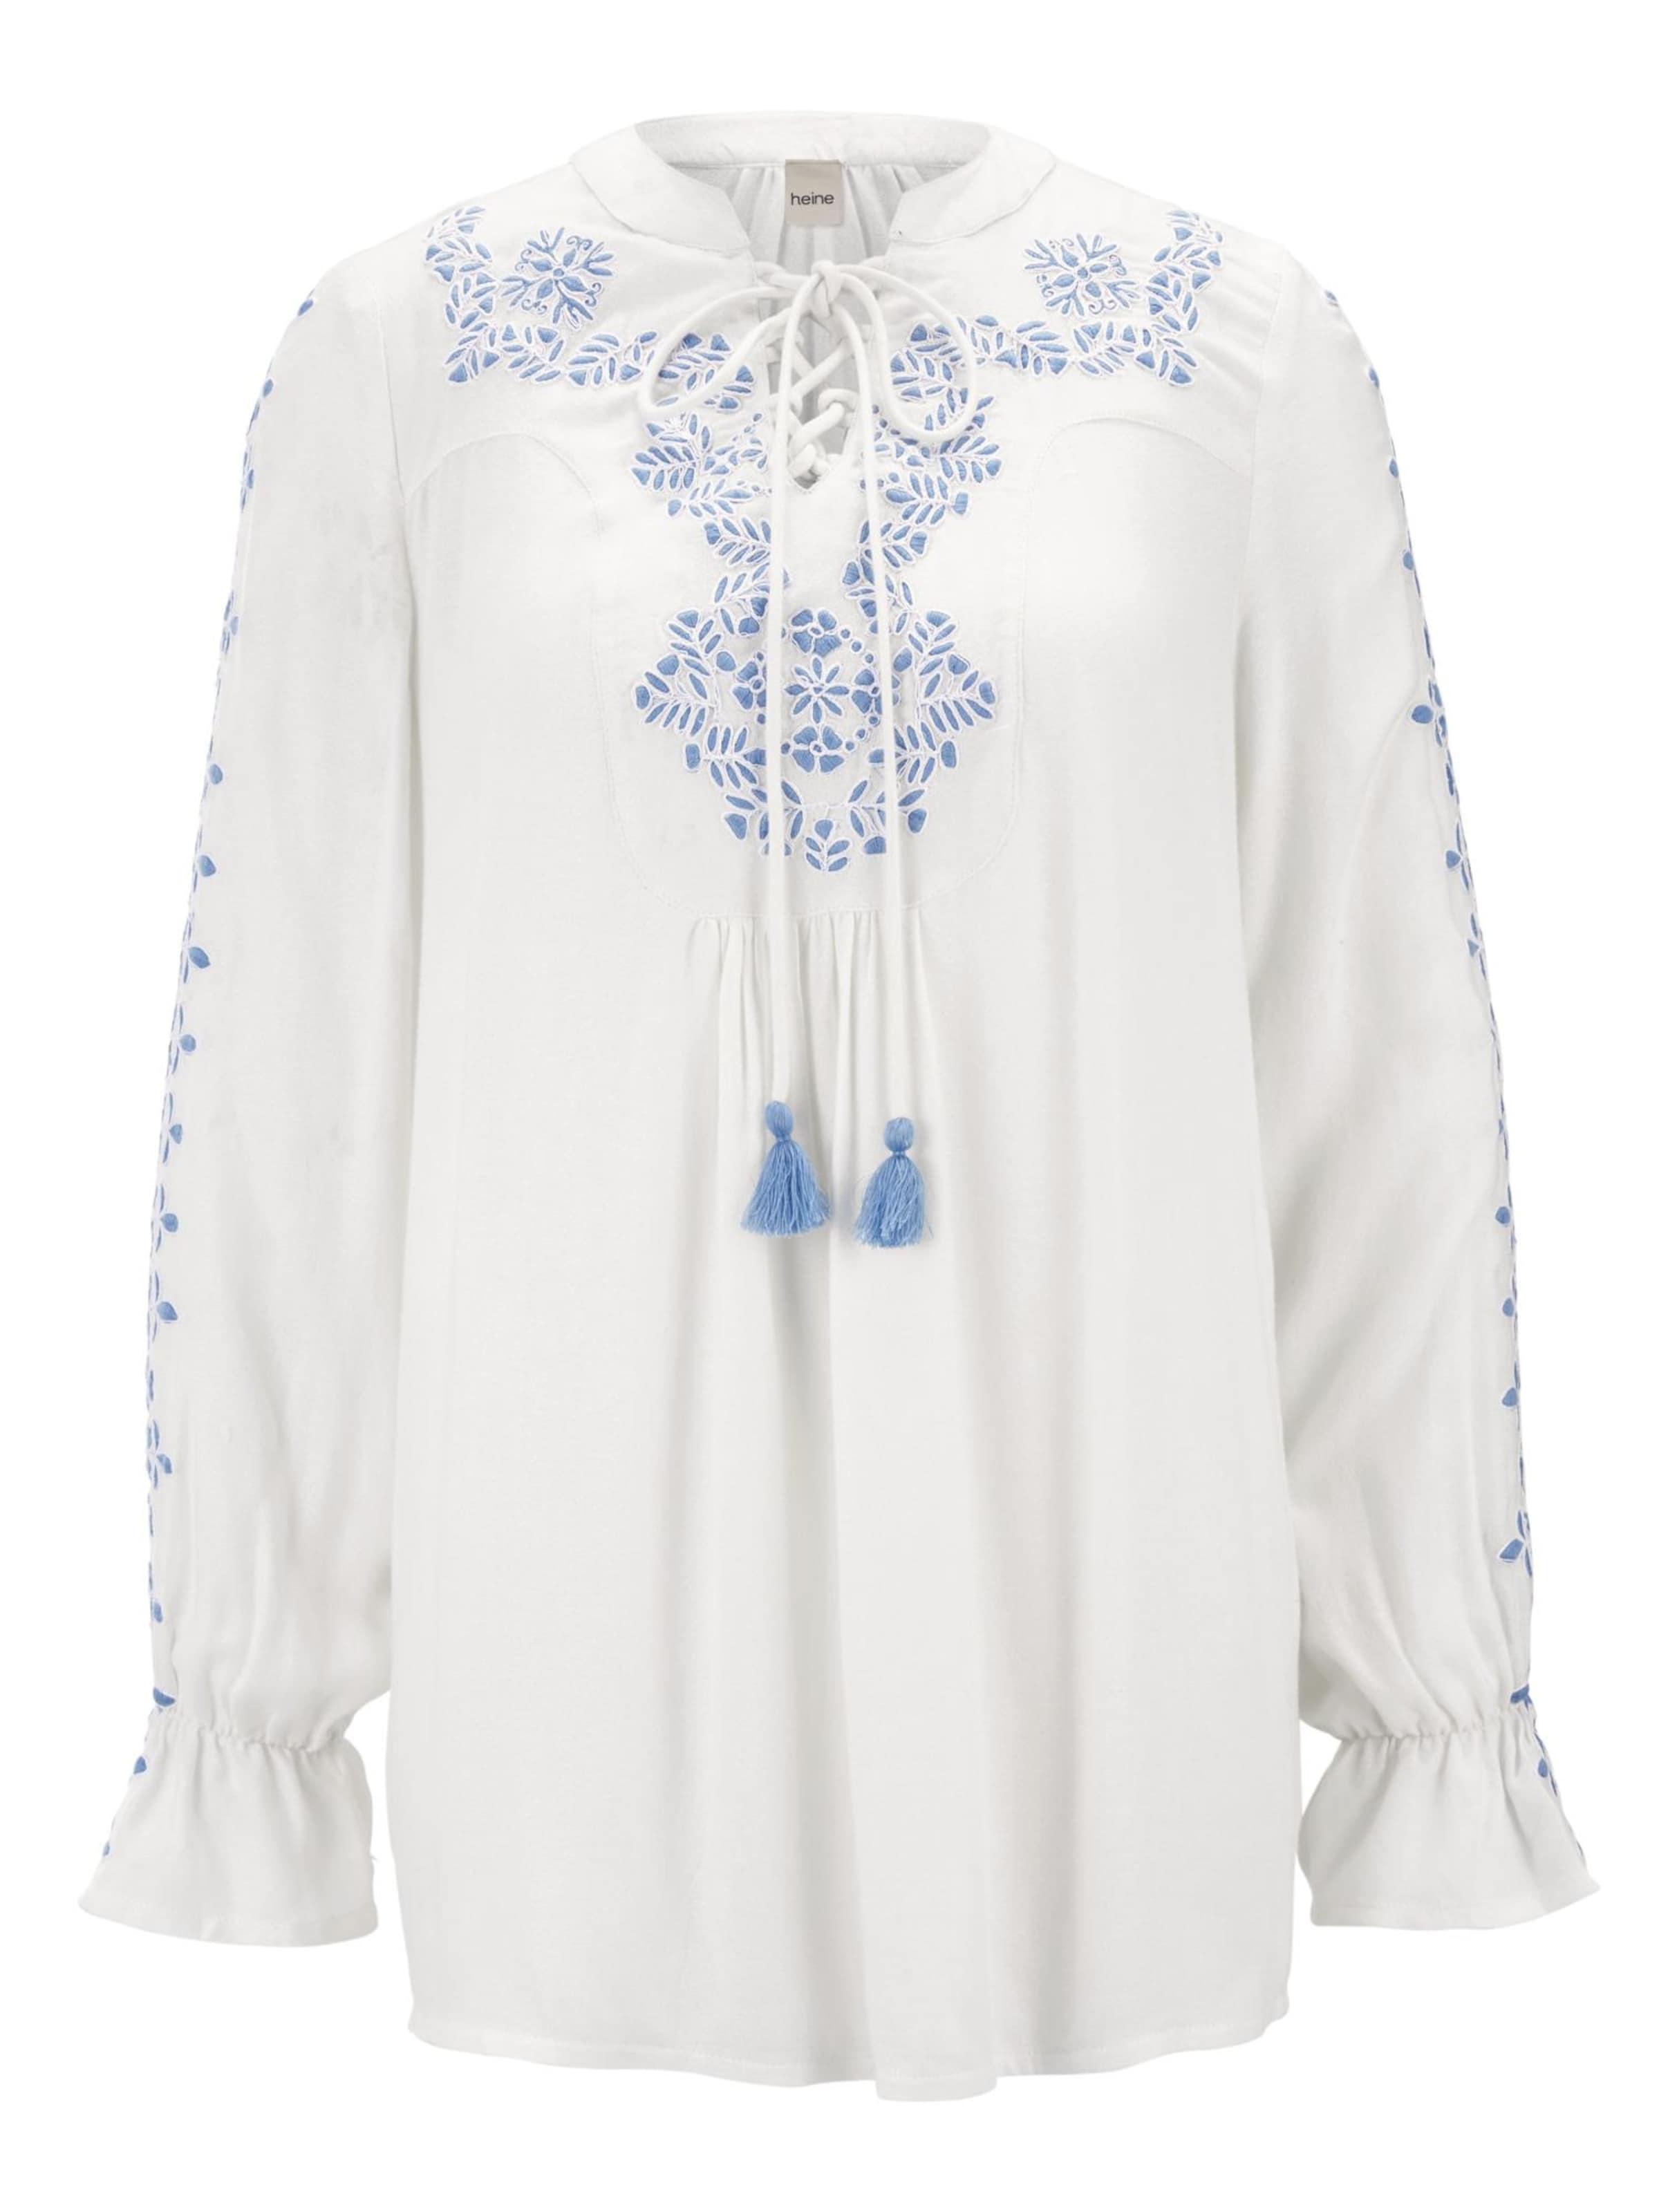 Bluse Bluse In RoyalblauOffwhite In Heine Heine wPnOk80